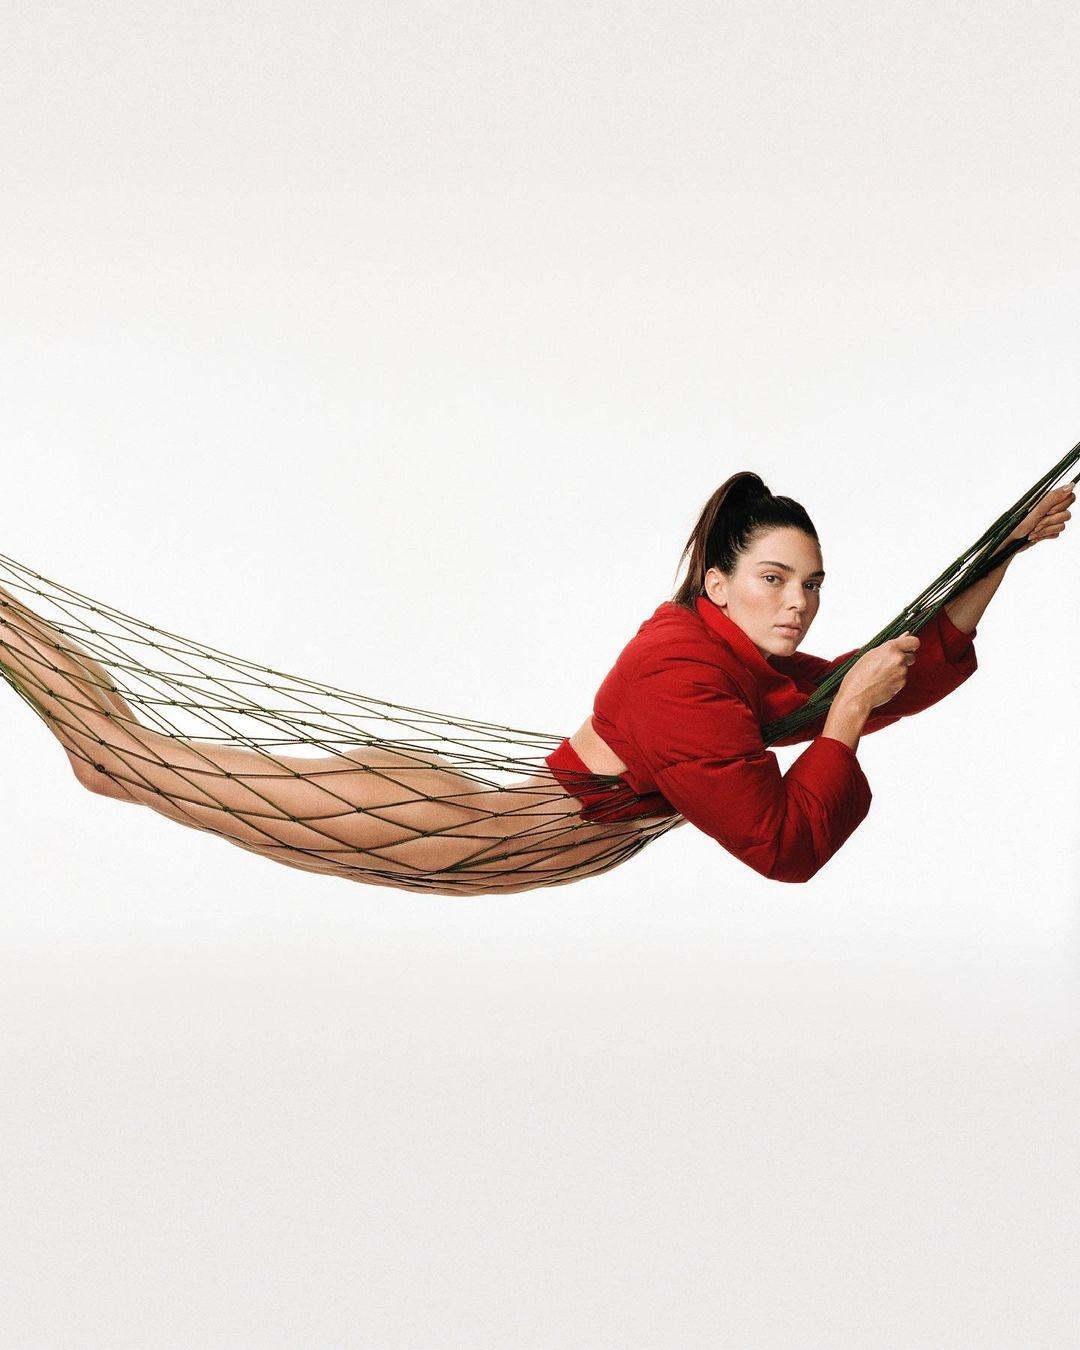 Без макияжа и фотошопа: Кендалл Дженнер снялась в новой кампании Jacquemus (ФОТО) - фото №1